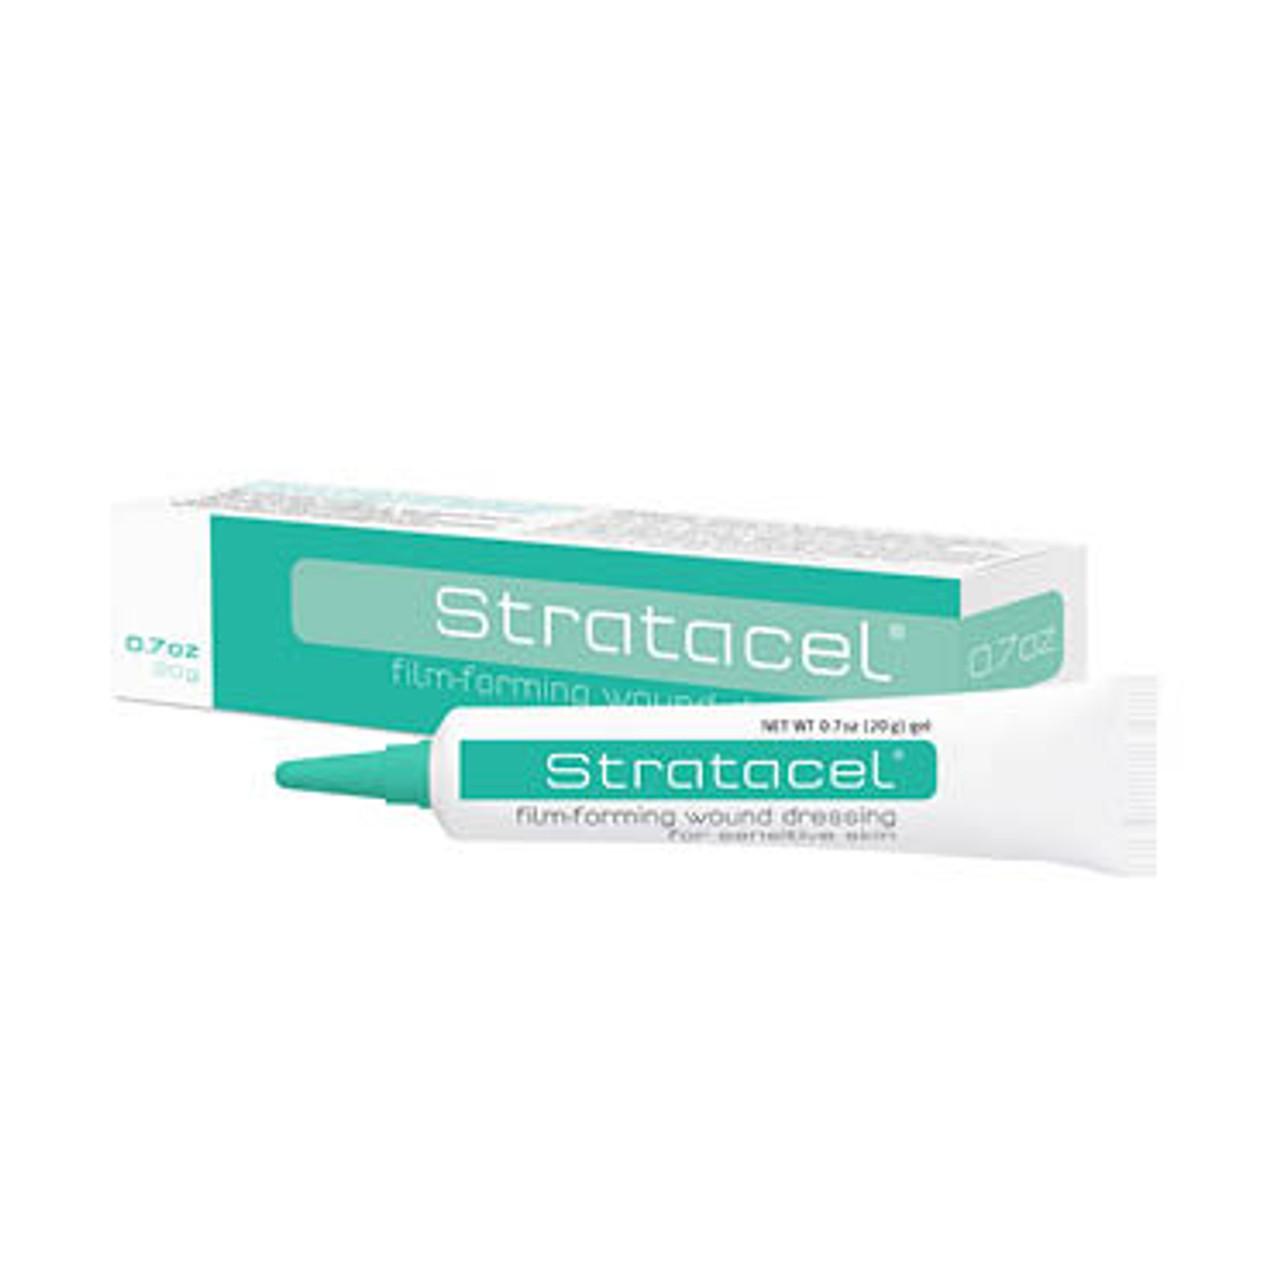 Stratacel 20g